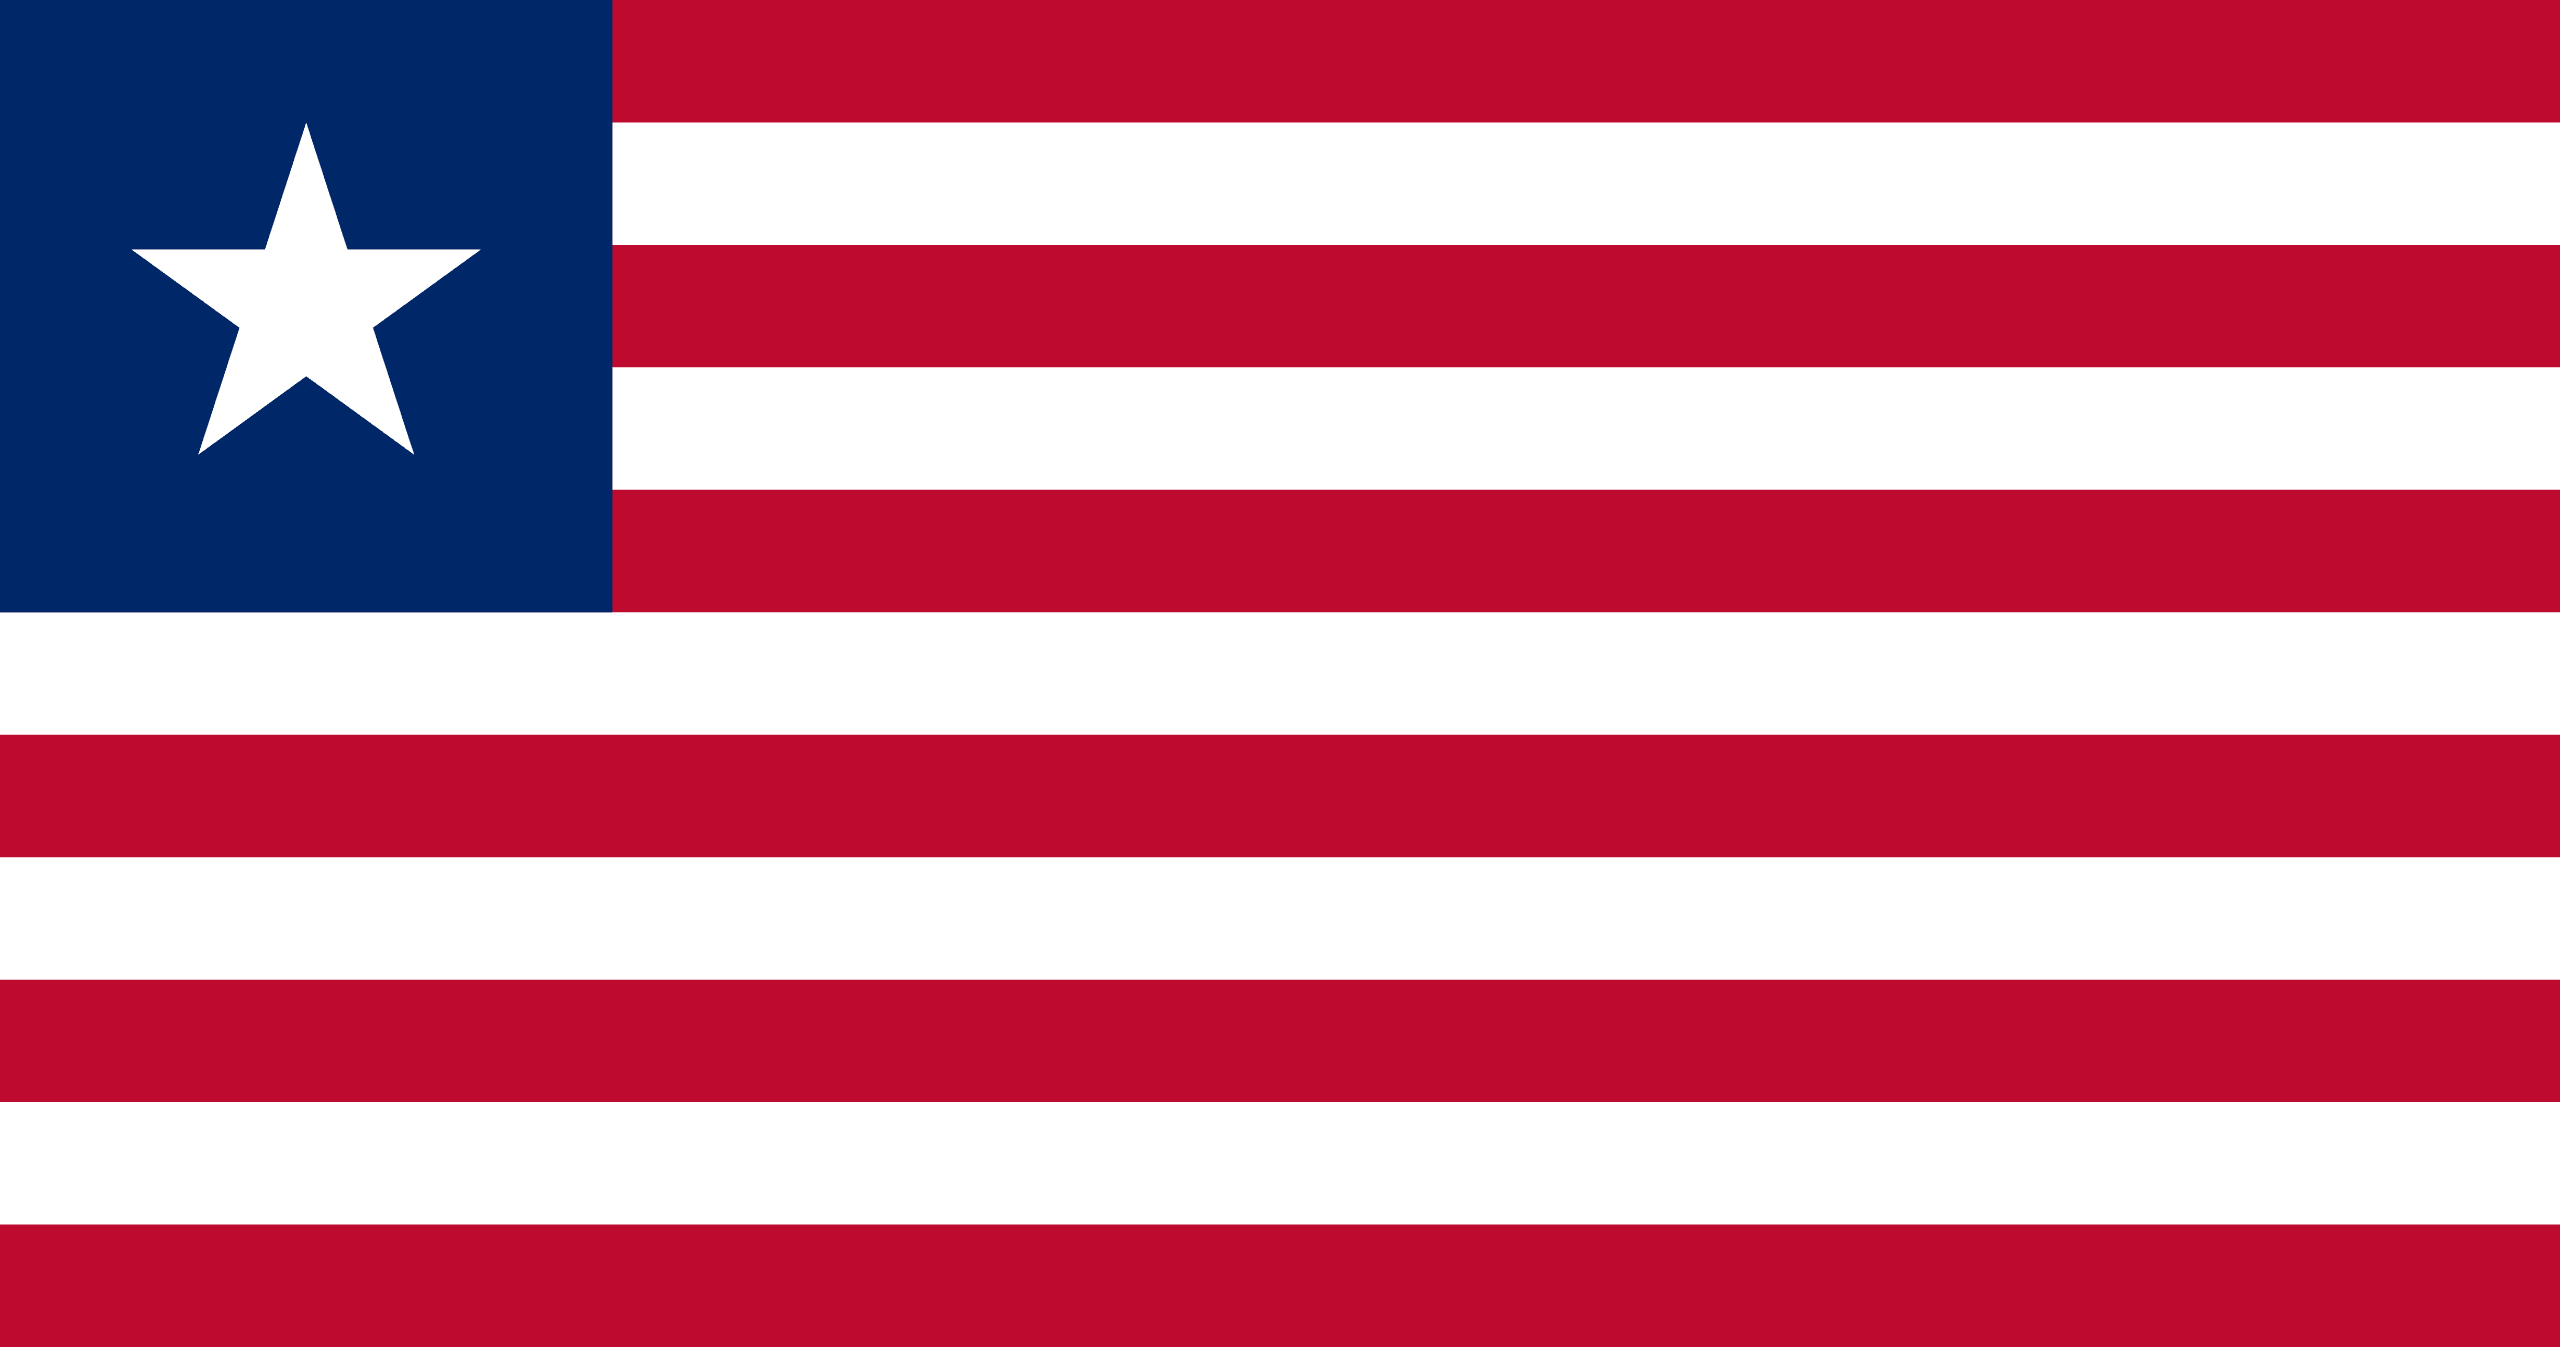 Σημαία Λιβερίας